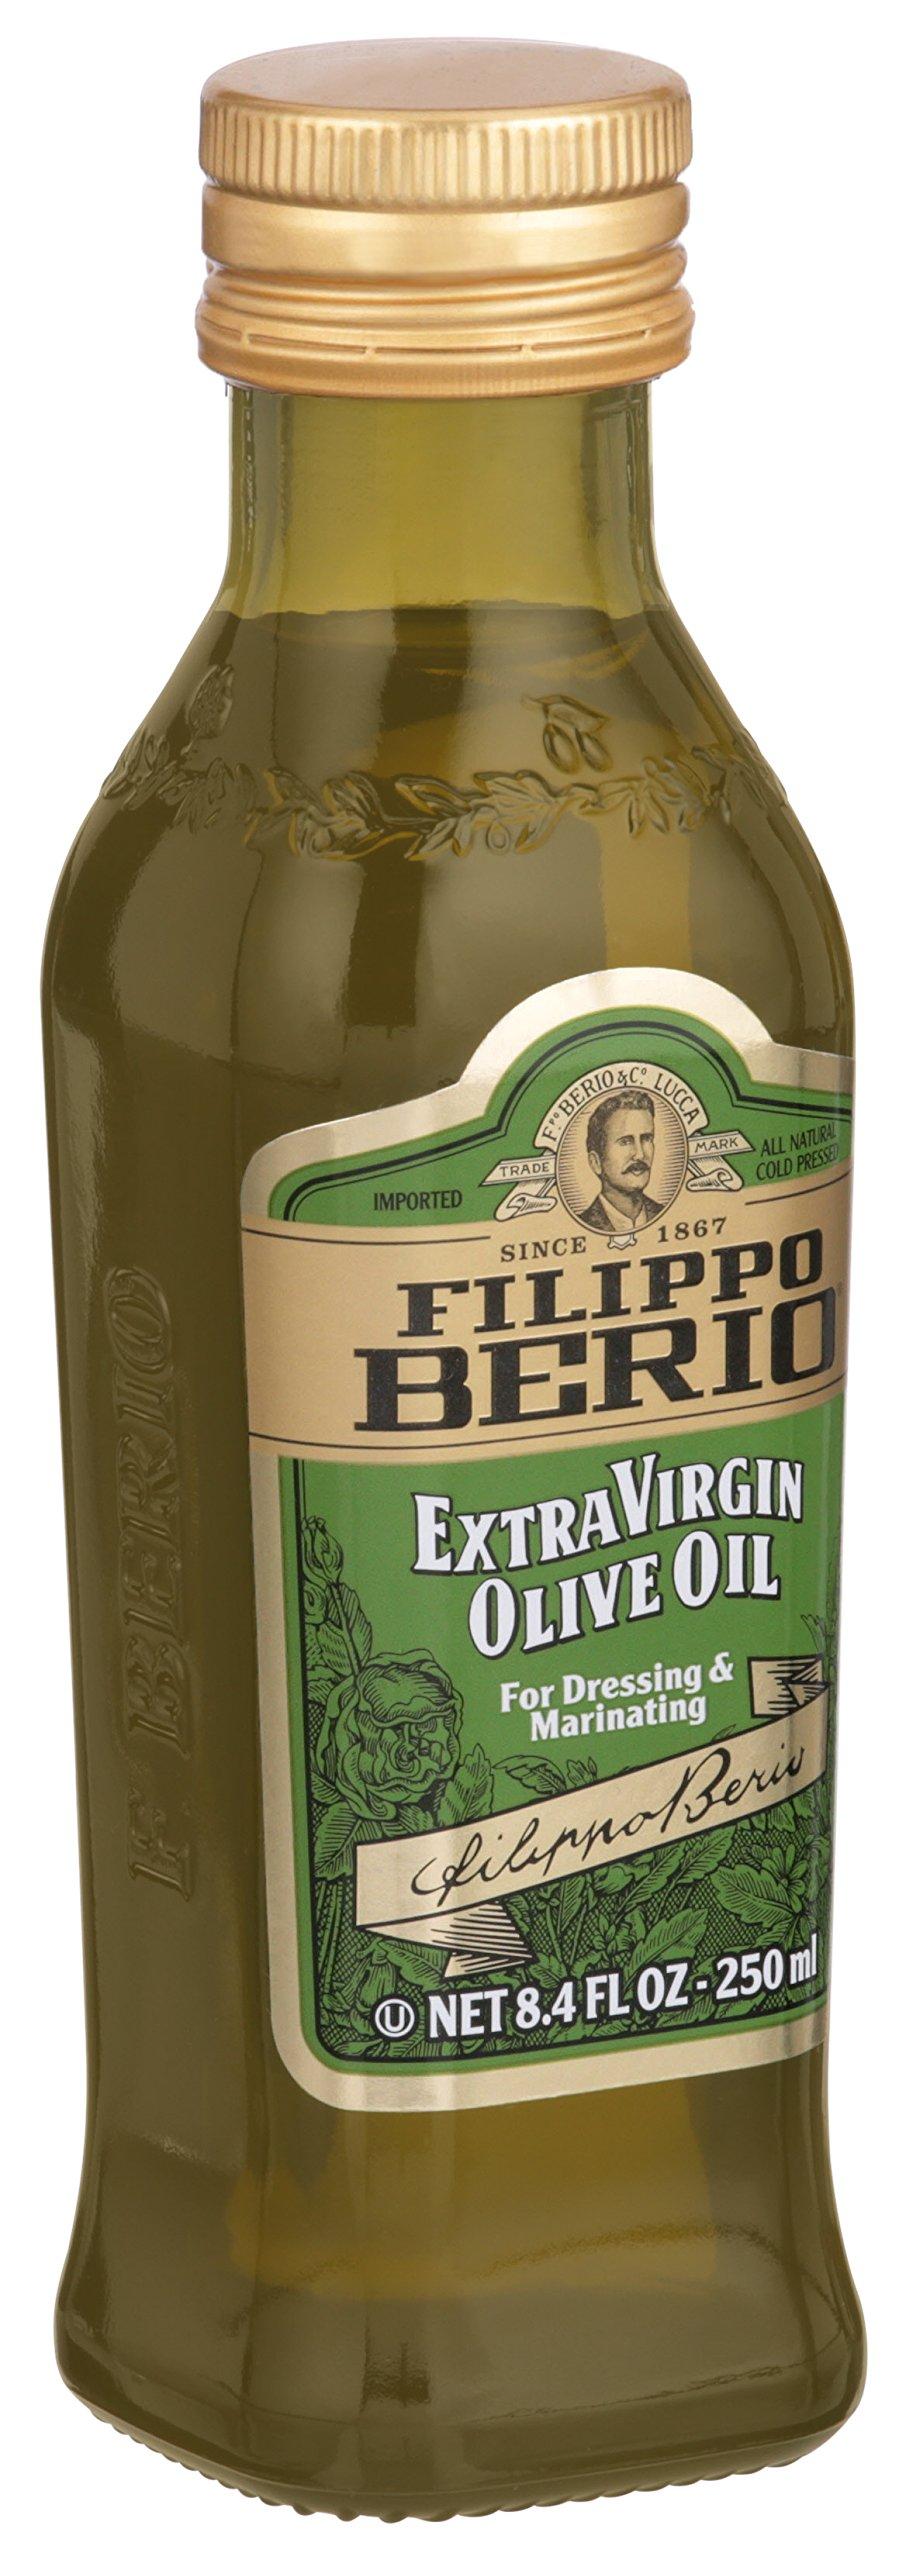 Filippo Berio Extra Virgin Olive Oil, 8.4 Ounce by Filippo Berio (Image #4)